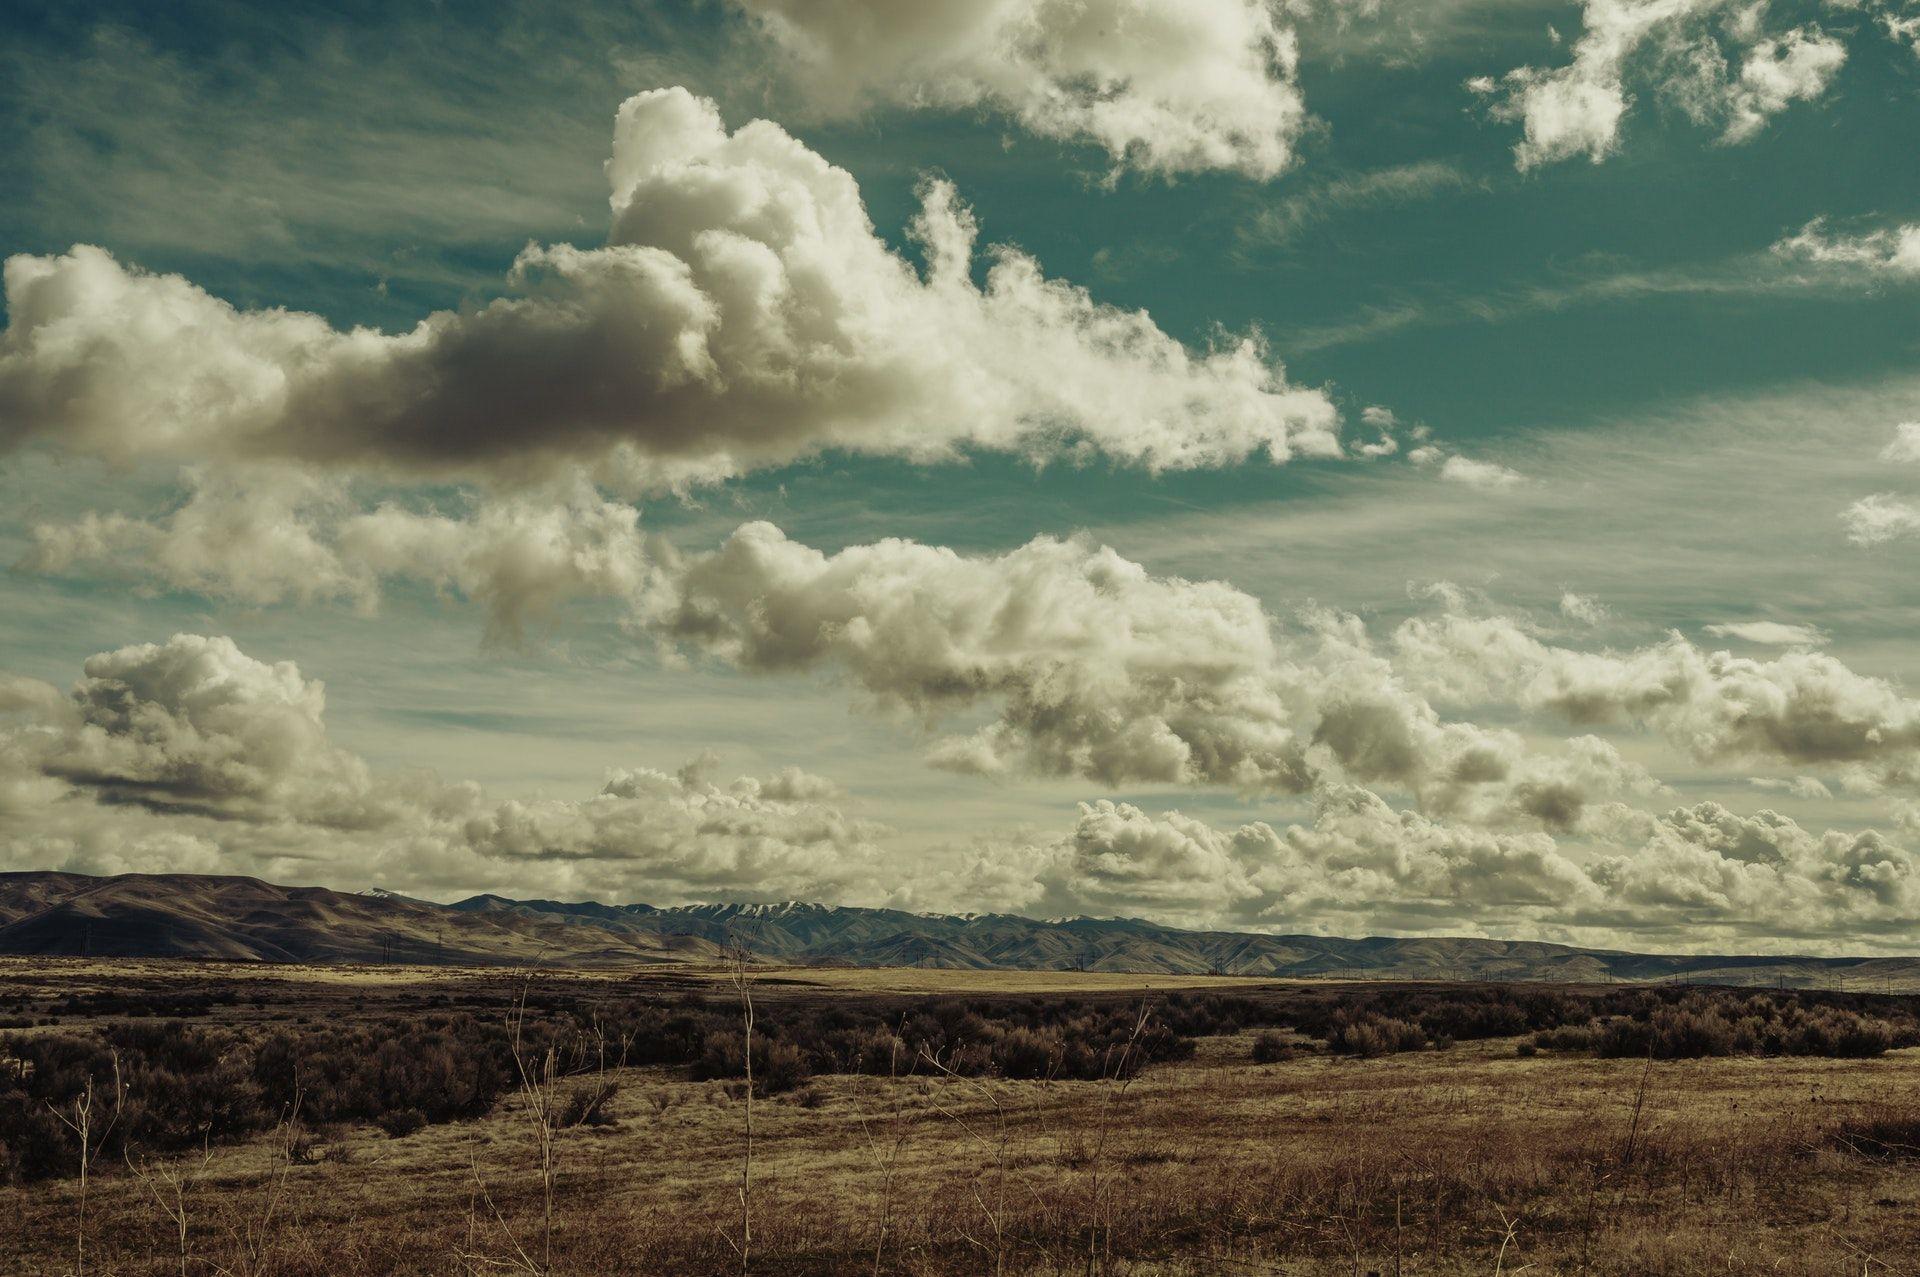 عکس زمینه آسمان ابری زیبا پس زمینه